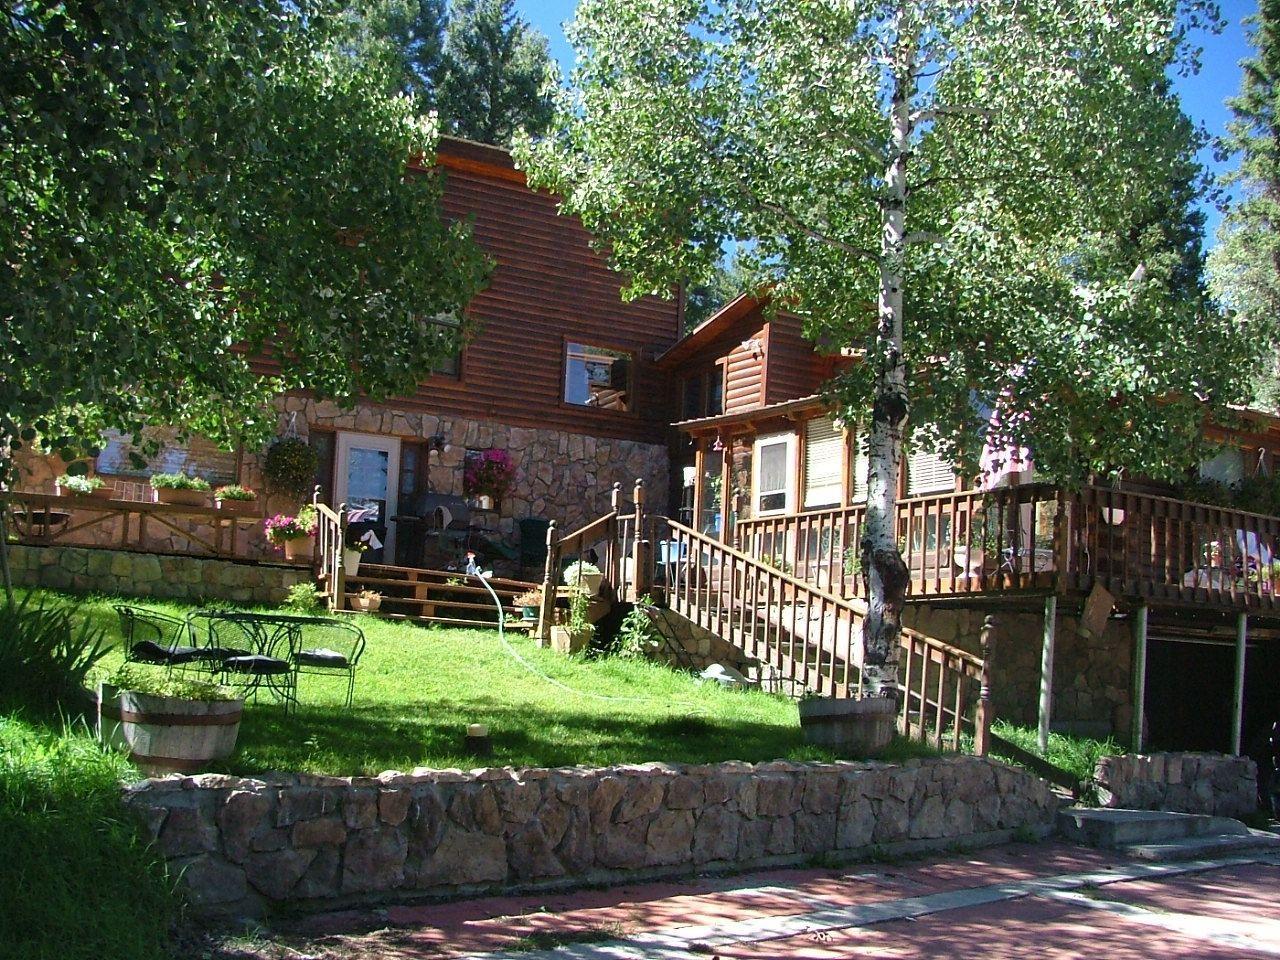 Colorado Real estate - Property in ANTONITO,CO